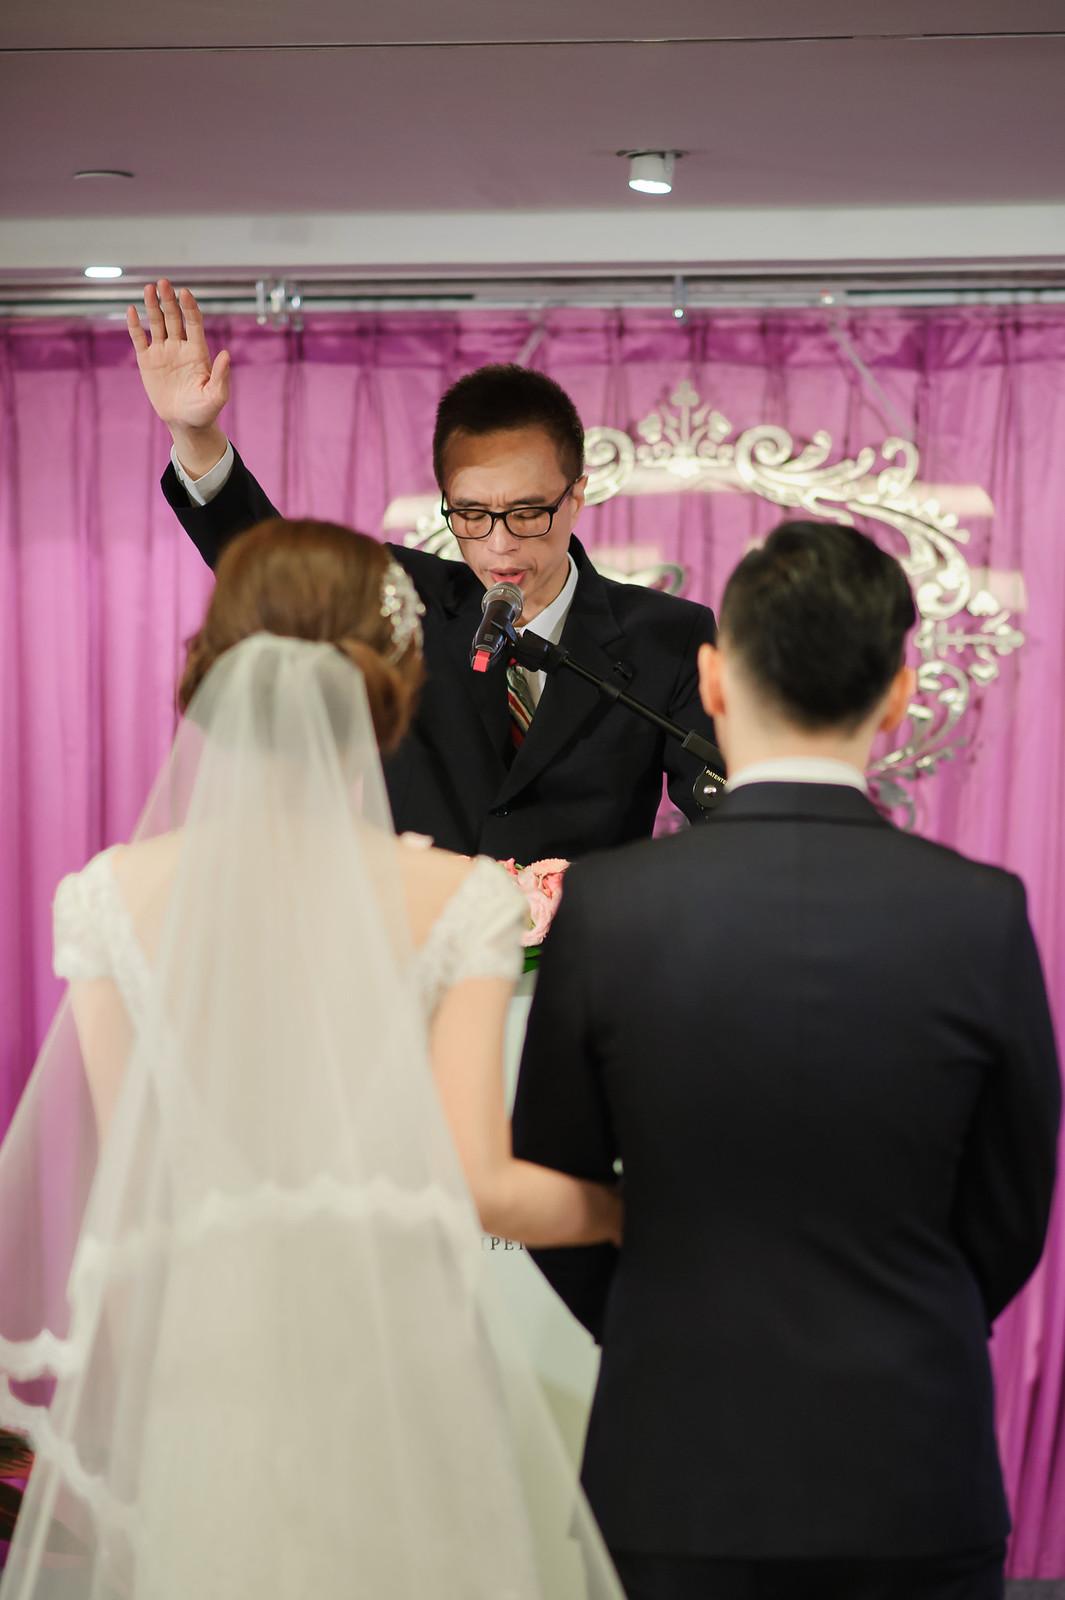 台北婚攝, 婚禮攝影, 婚攝, 婚攝守恆, 婚攝推薦, 晶華酒店, 晶華酒店婚宴, 晶華酒店婚攝-57